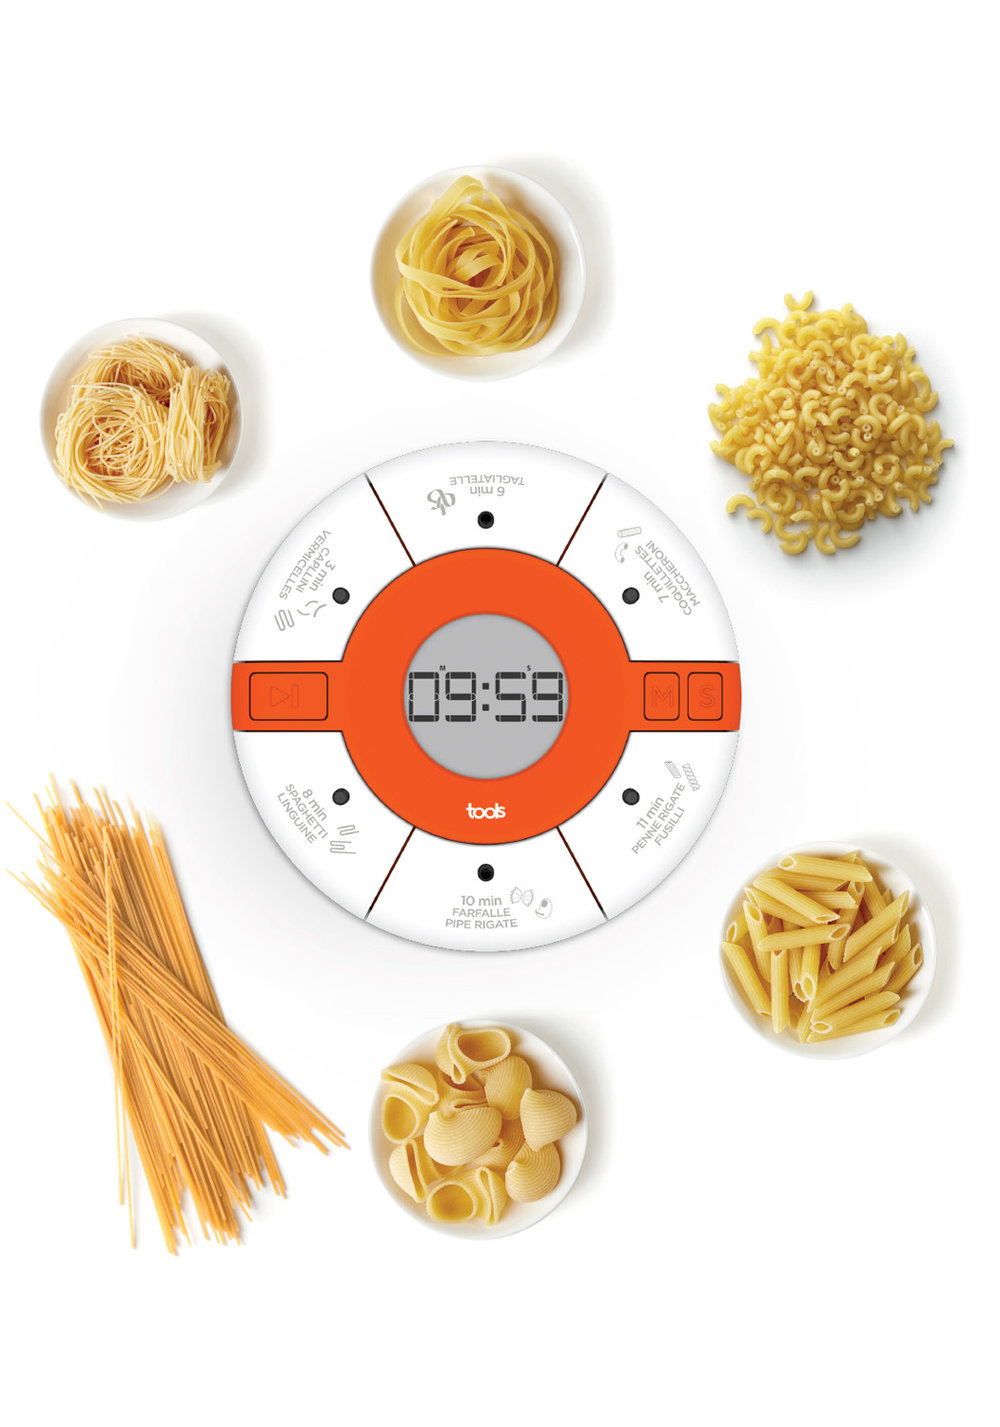 Un MINUTEUR pour les pasta lovers - Ce timer magnétique devient très vite indispensable. Magnétique, il trouve rapidement sa place sur la porte du réfrigérateur.• 6 temps pré-programmés• Option de réglage manuel• Design ergonomique• Minuteur magnétique500294 MINUTEUR À PÂTES